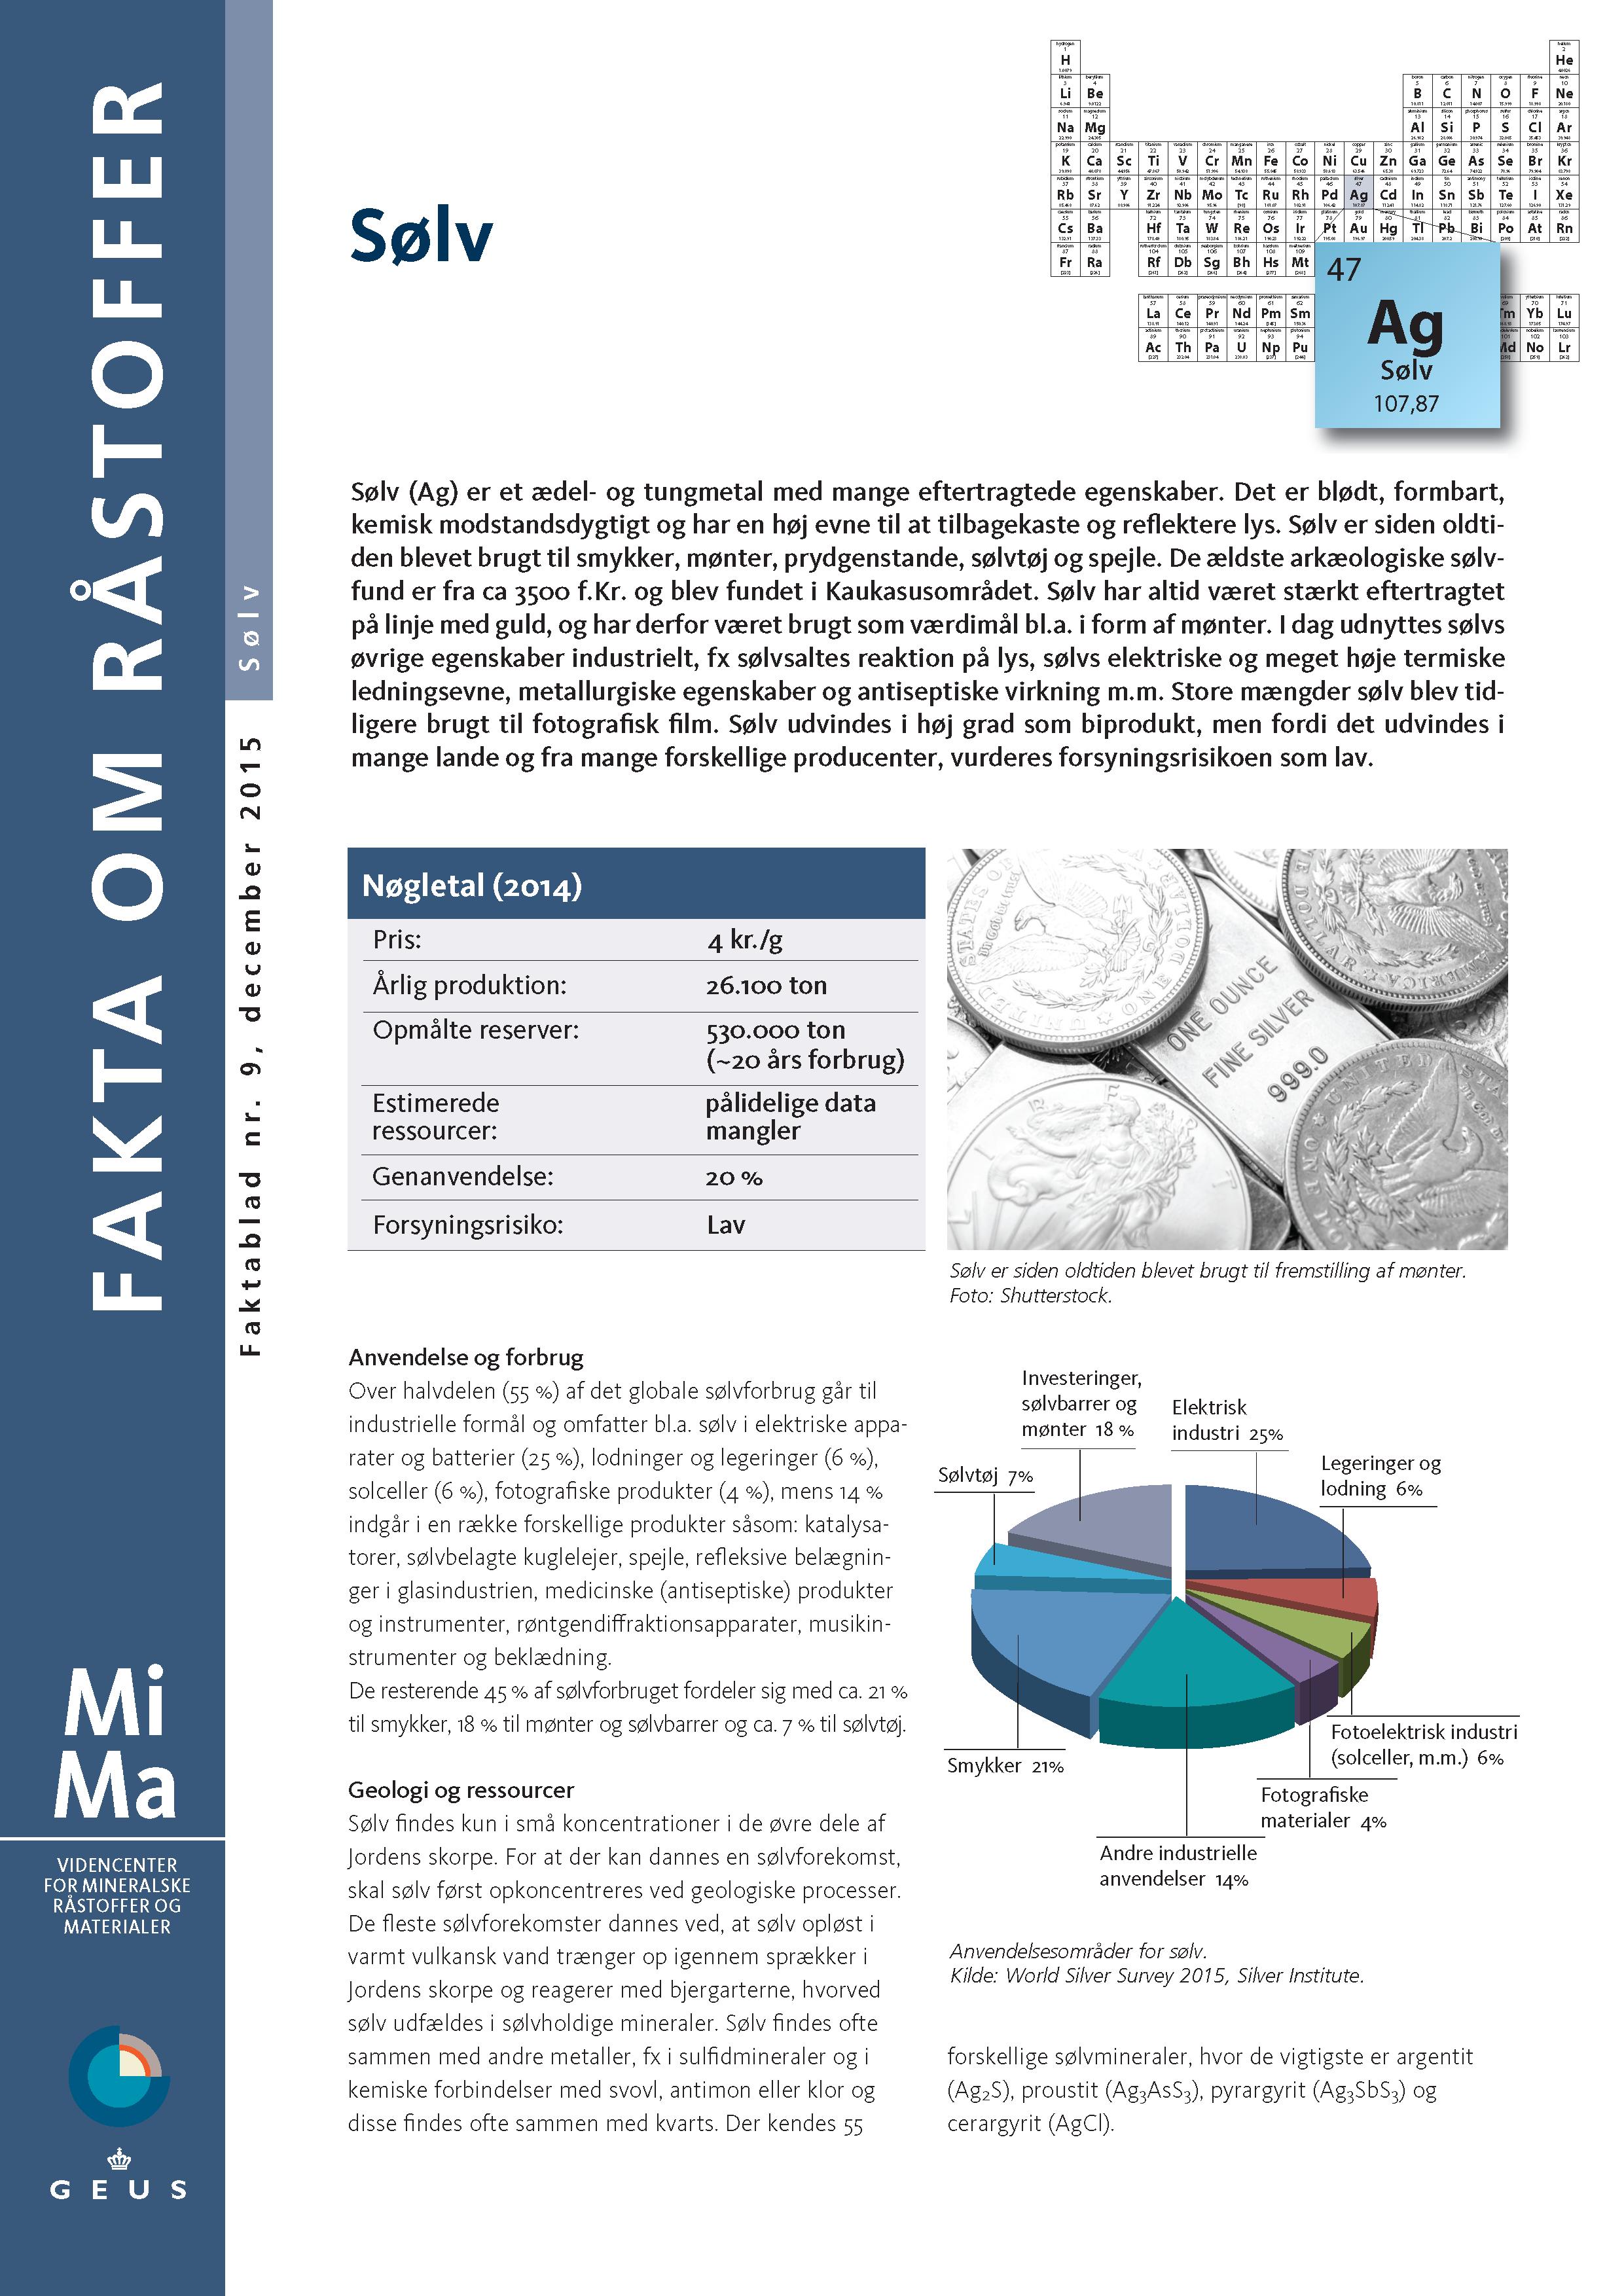 MiMa faktablad - Sølv